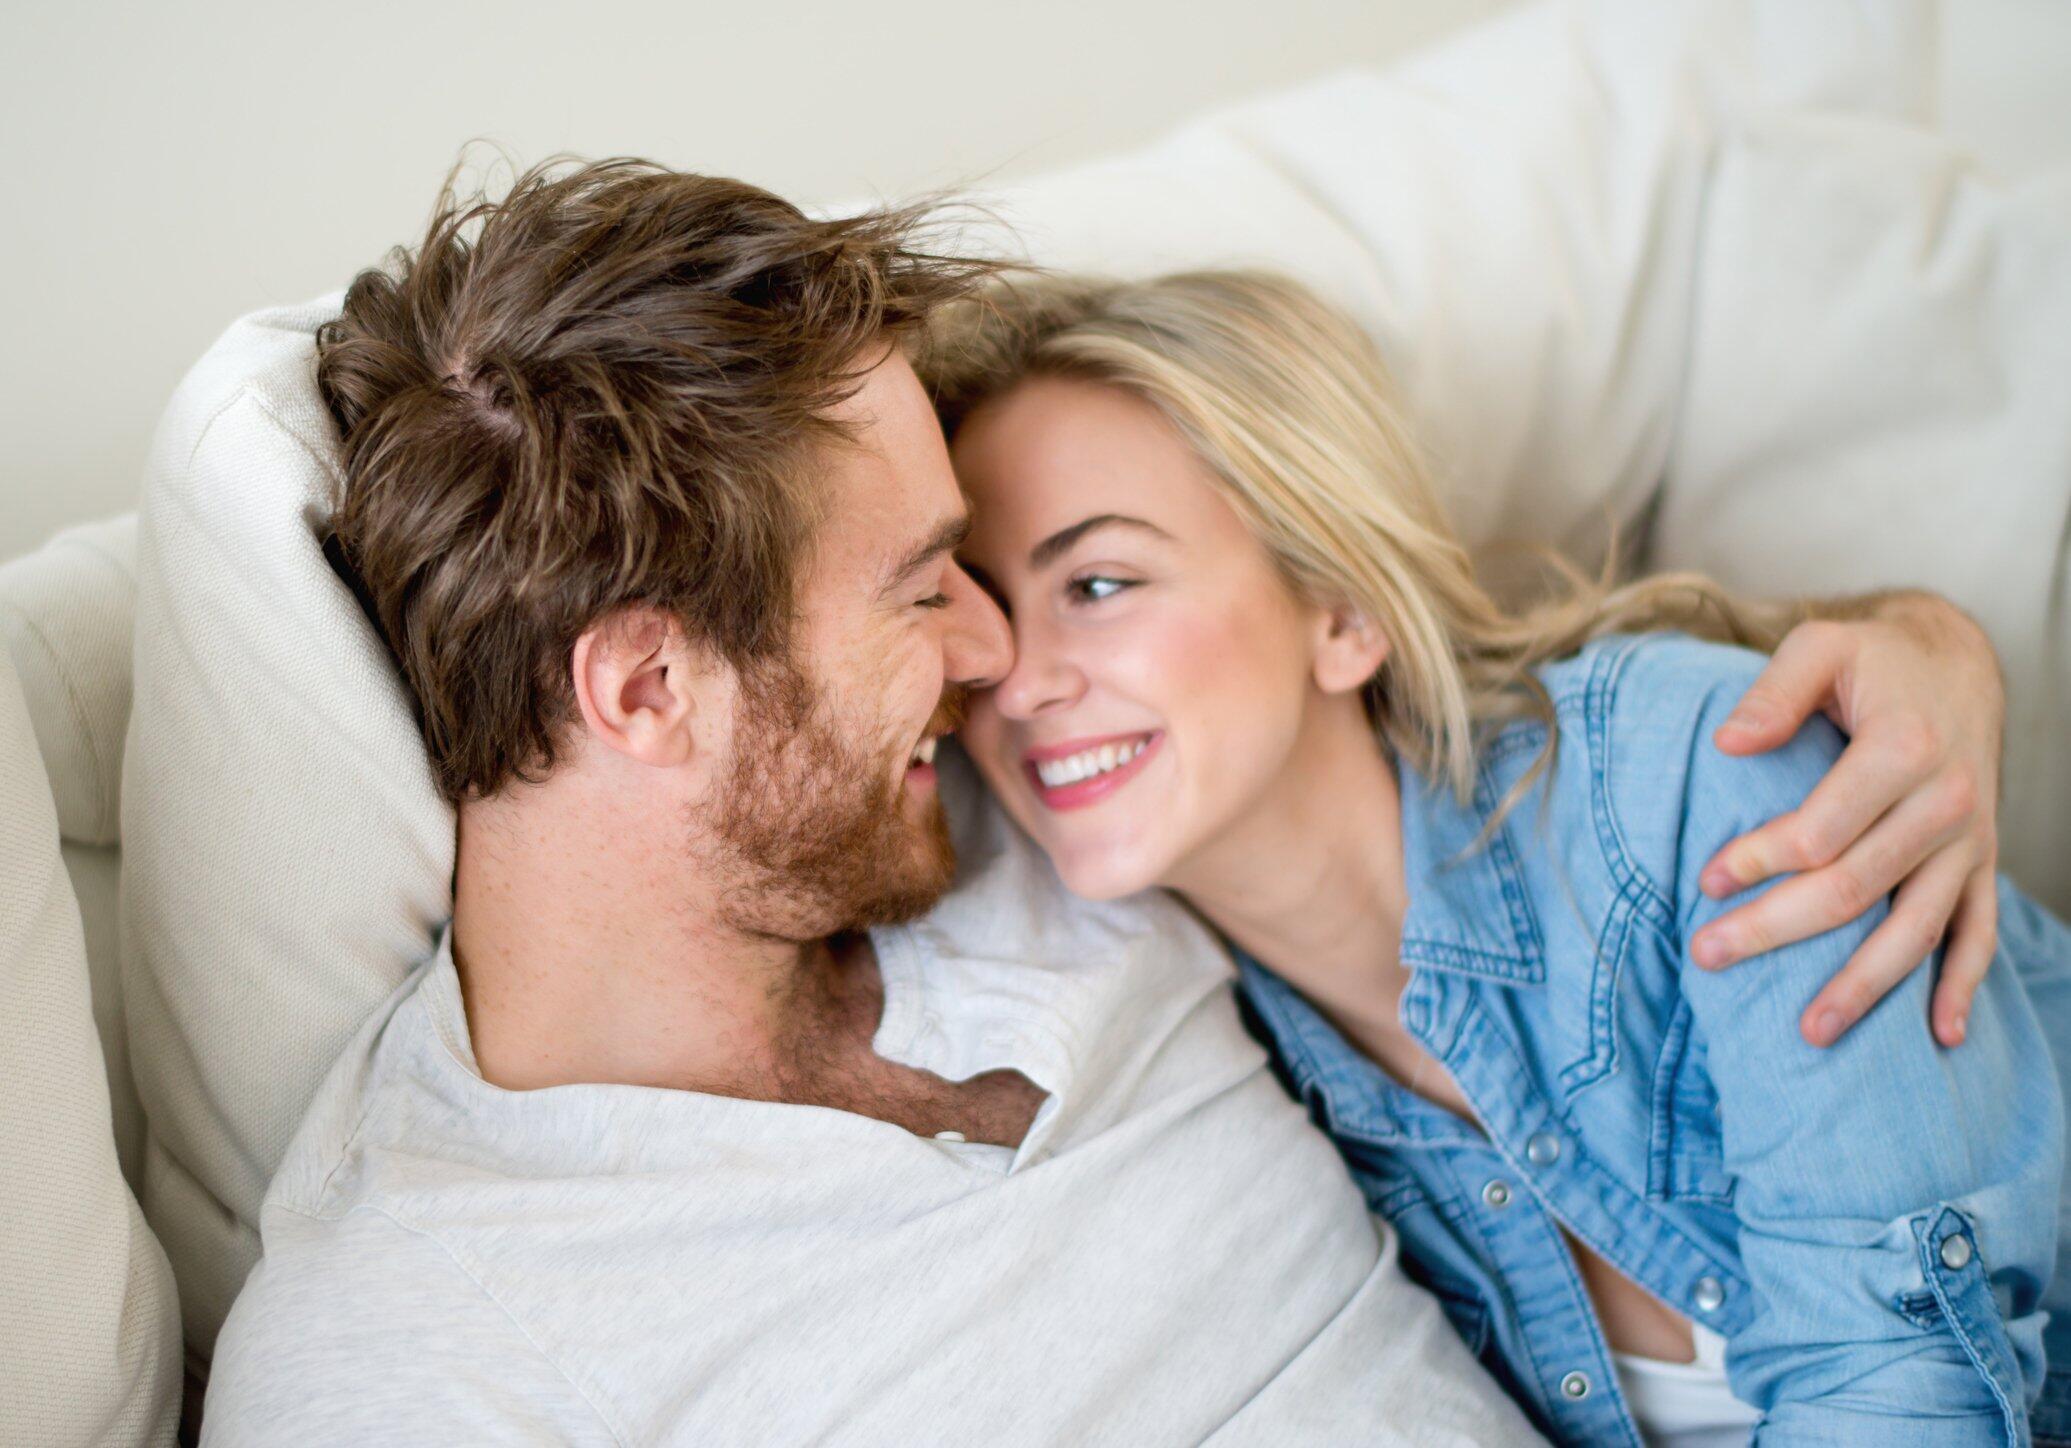 Stop Lihat Bokep! Ajaran Tantra Akan Bikin Hubunganmu Makin Bahagia